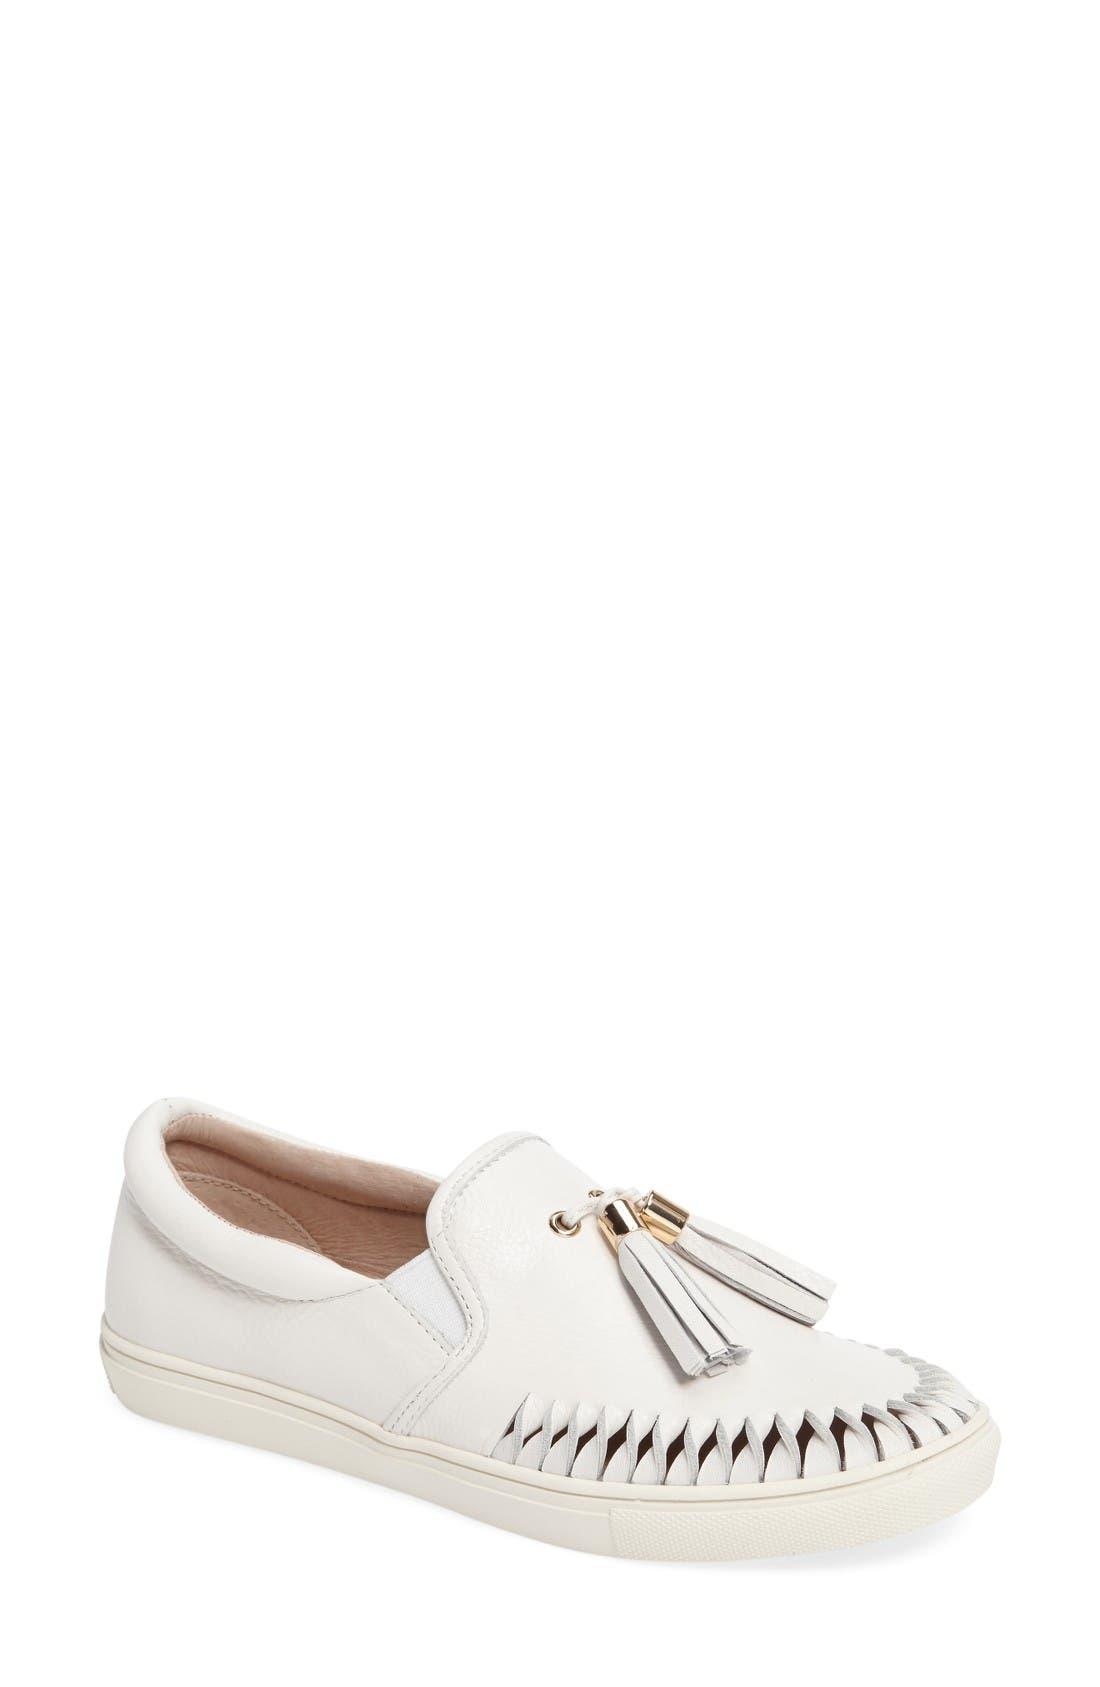 JSLIDES Cheyenne Tasseled Slip-On Sneaker